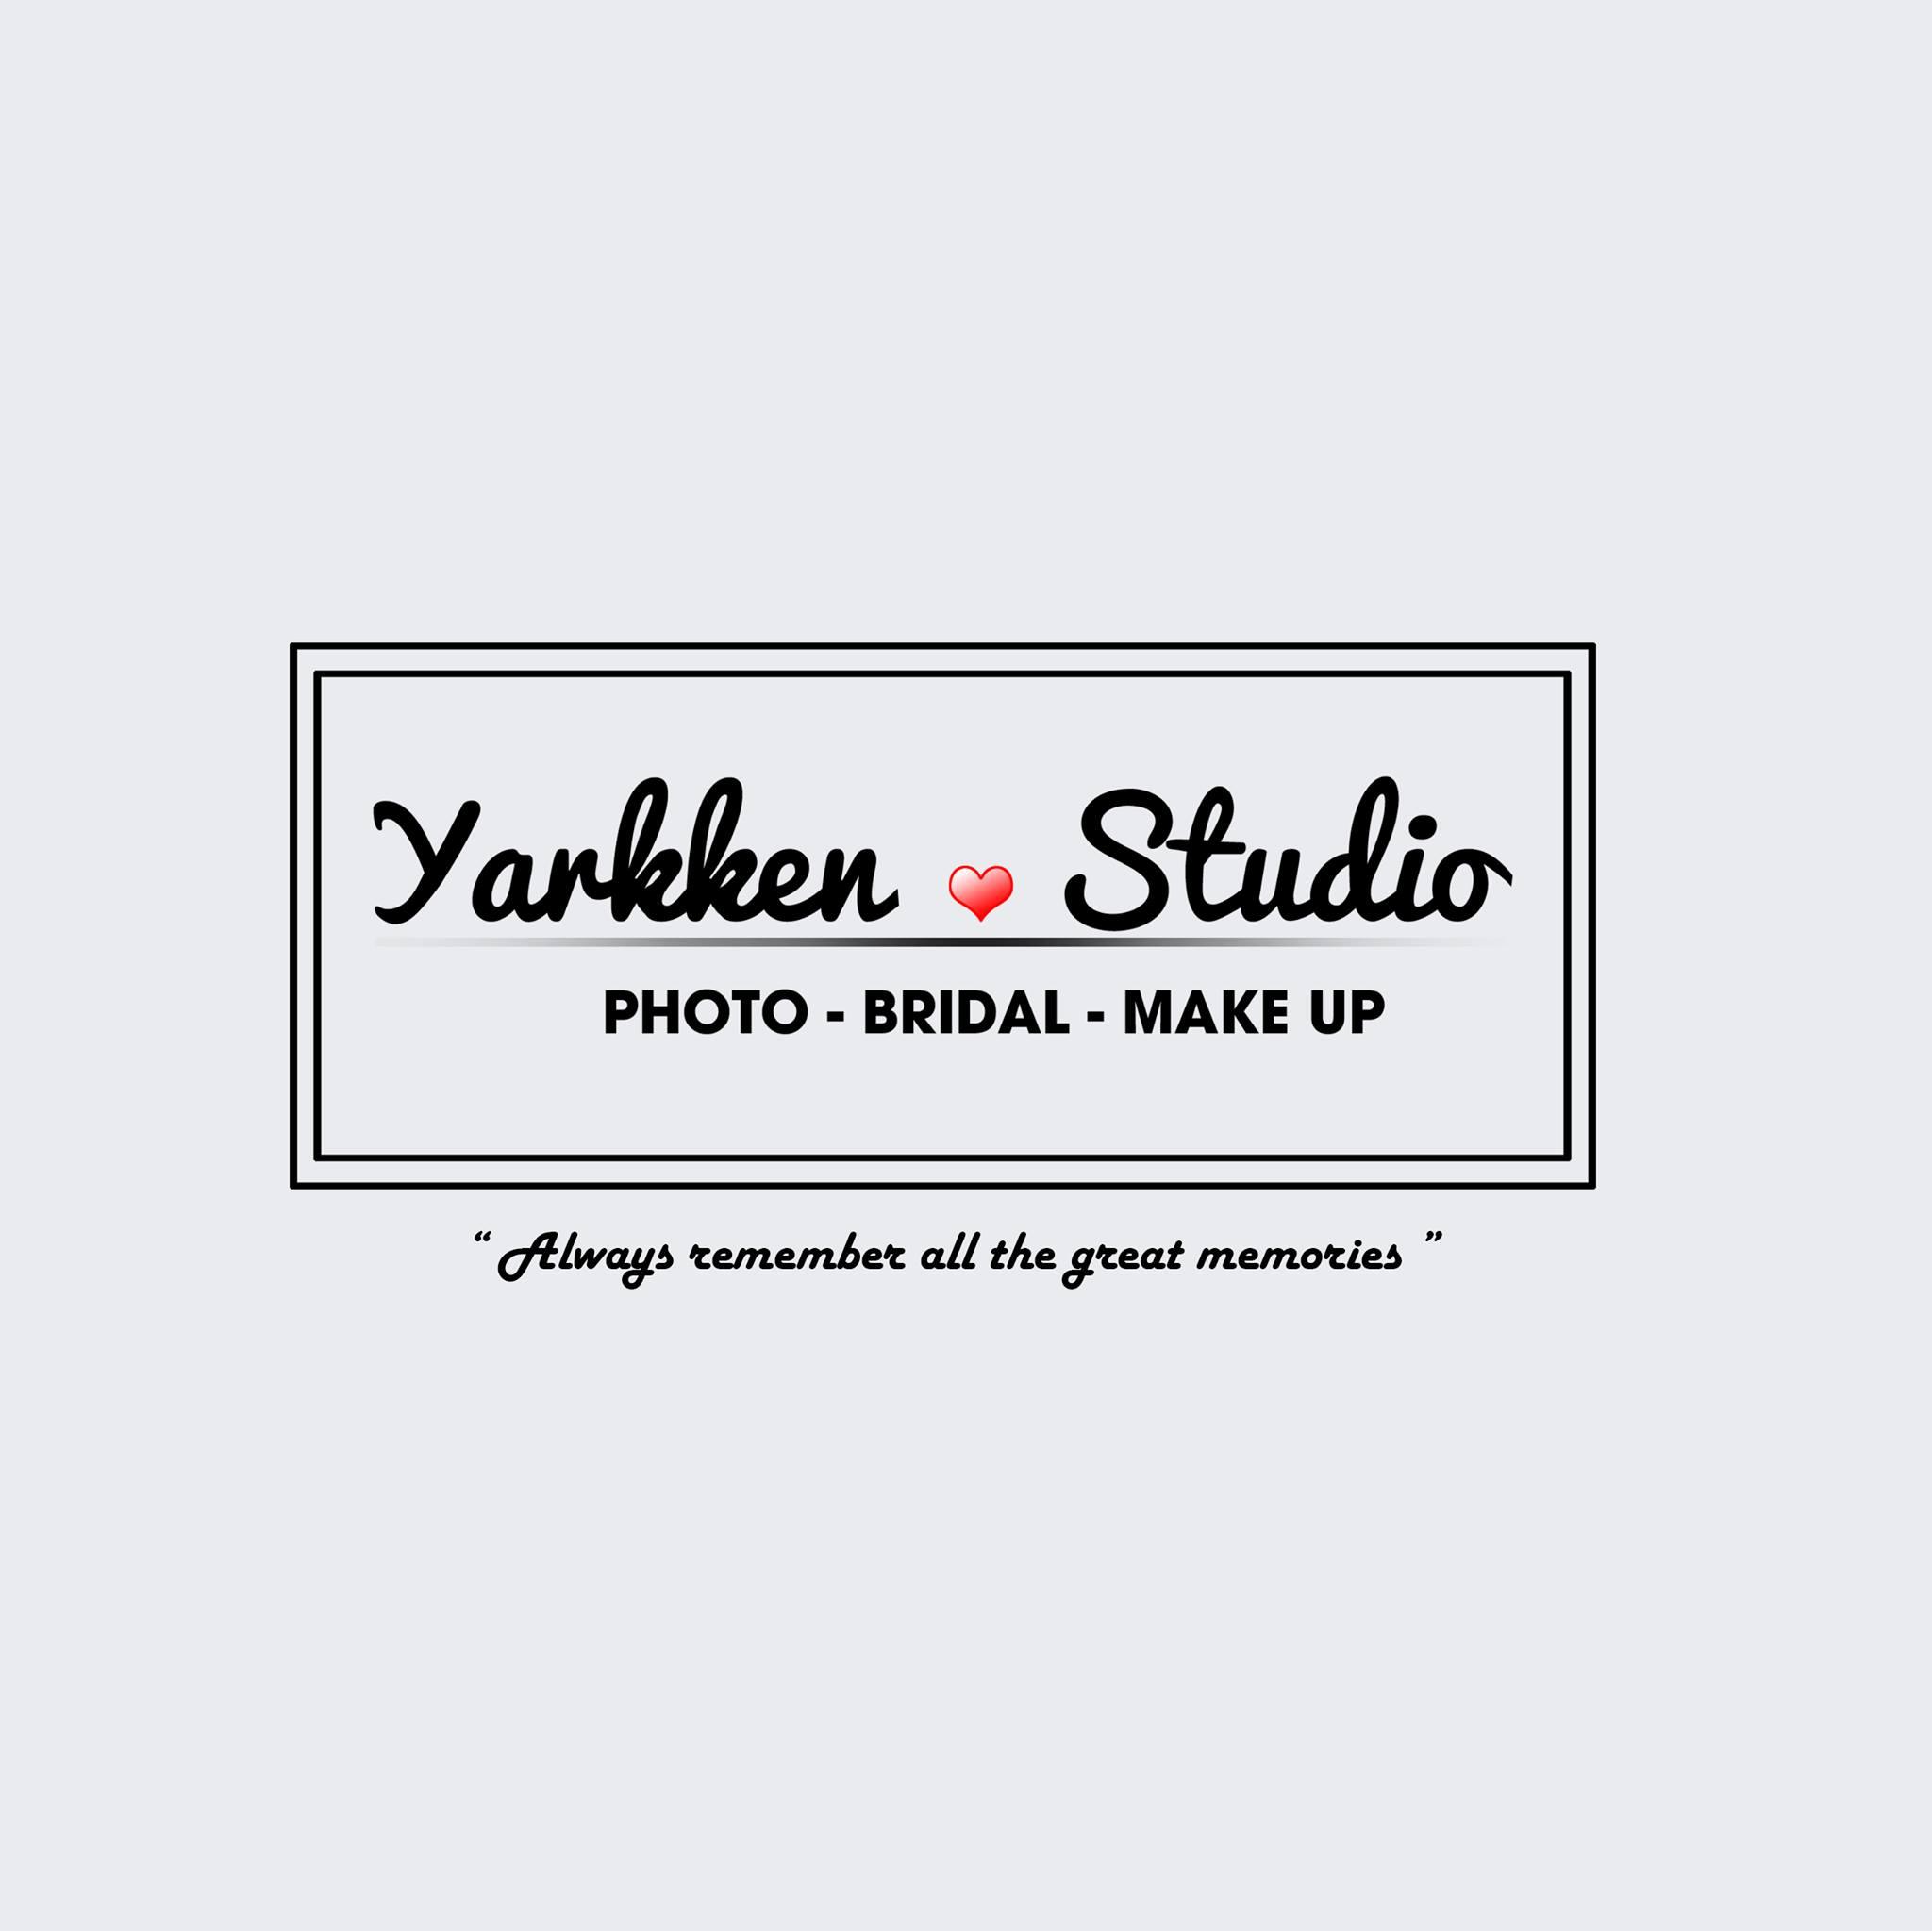 Yarkken Studio - Ảnh Cưới Tự Nhiên Nghệ Thuật